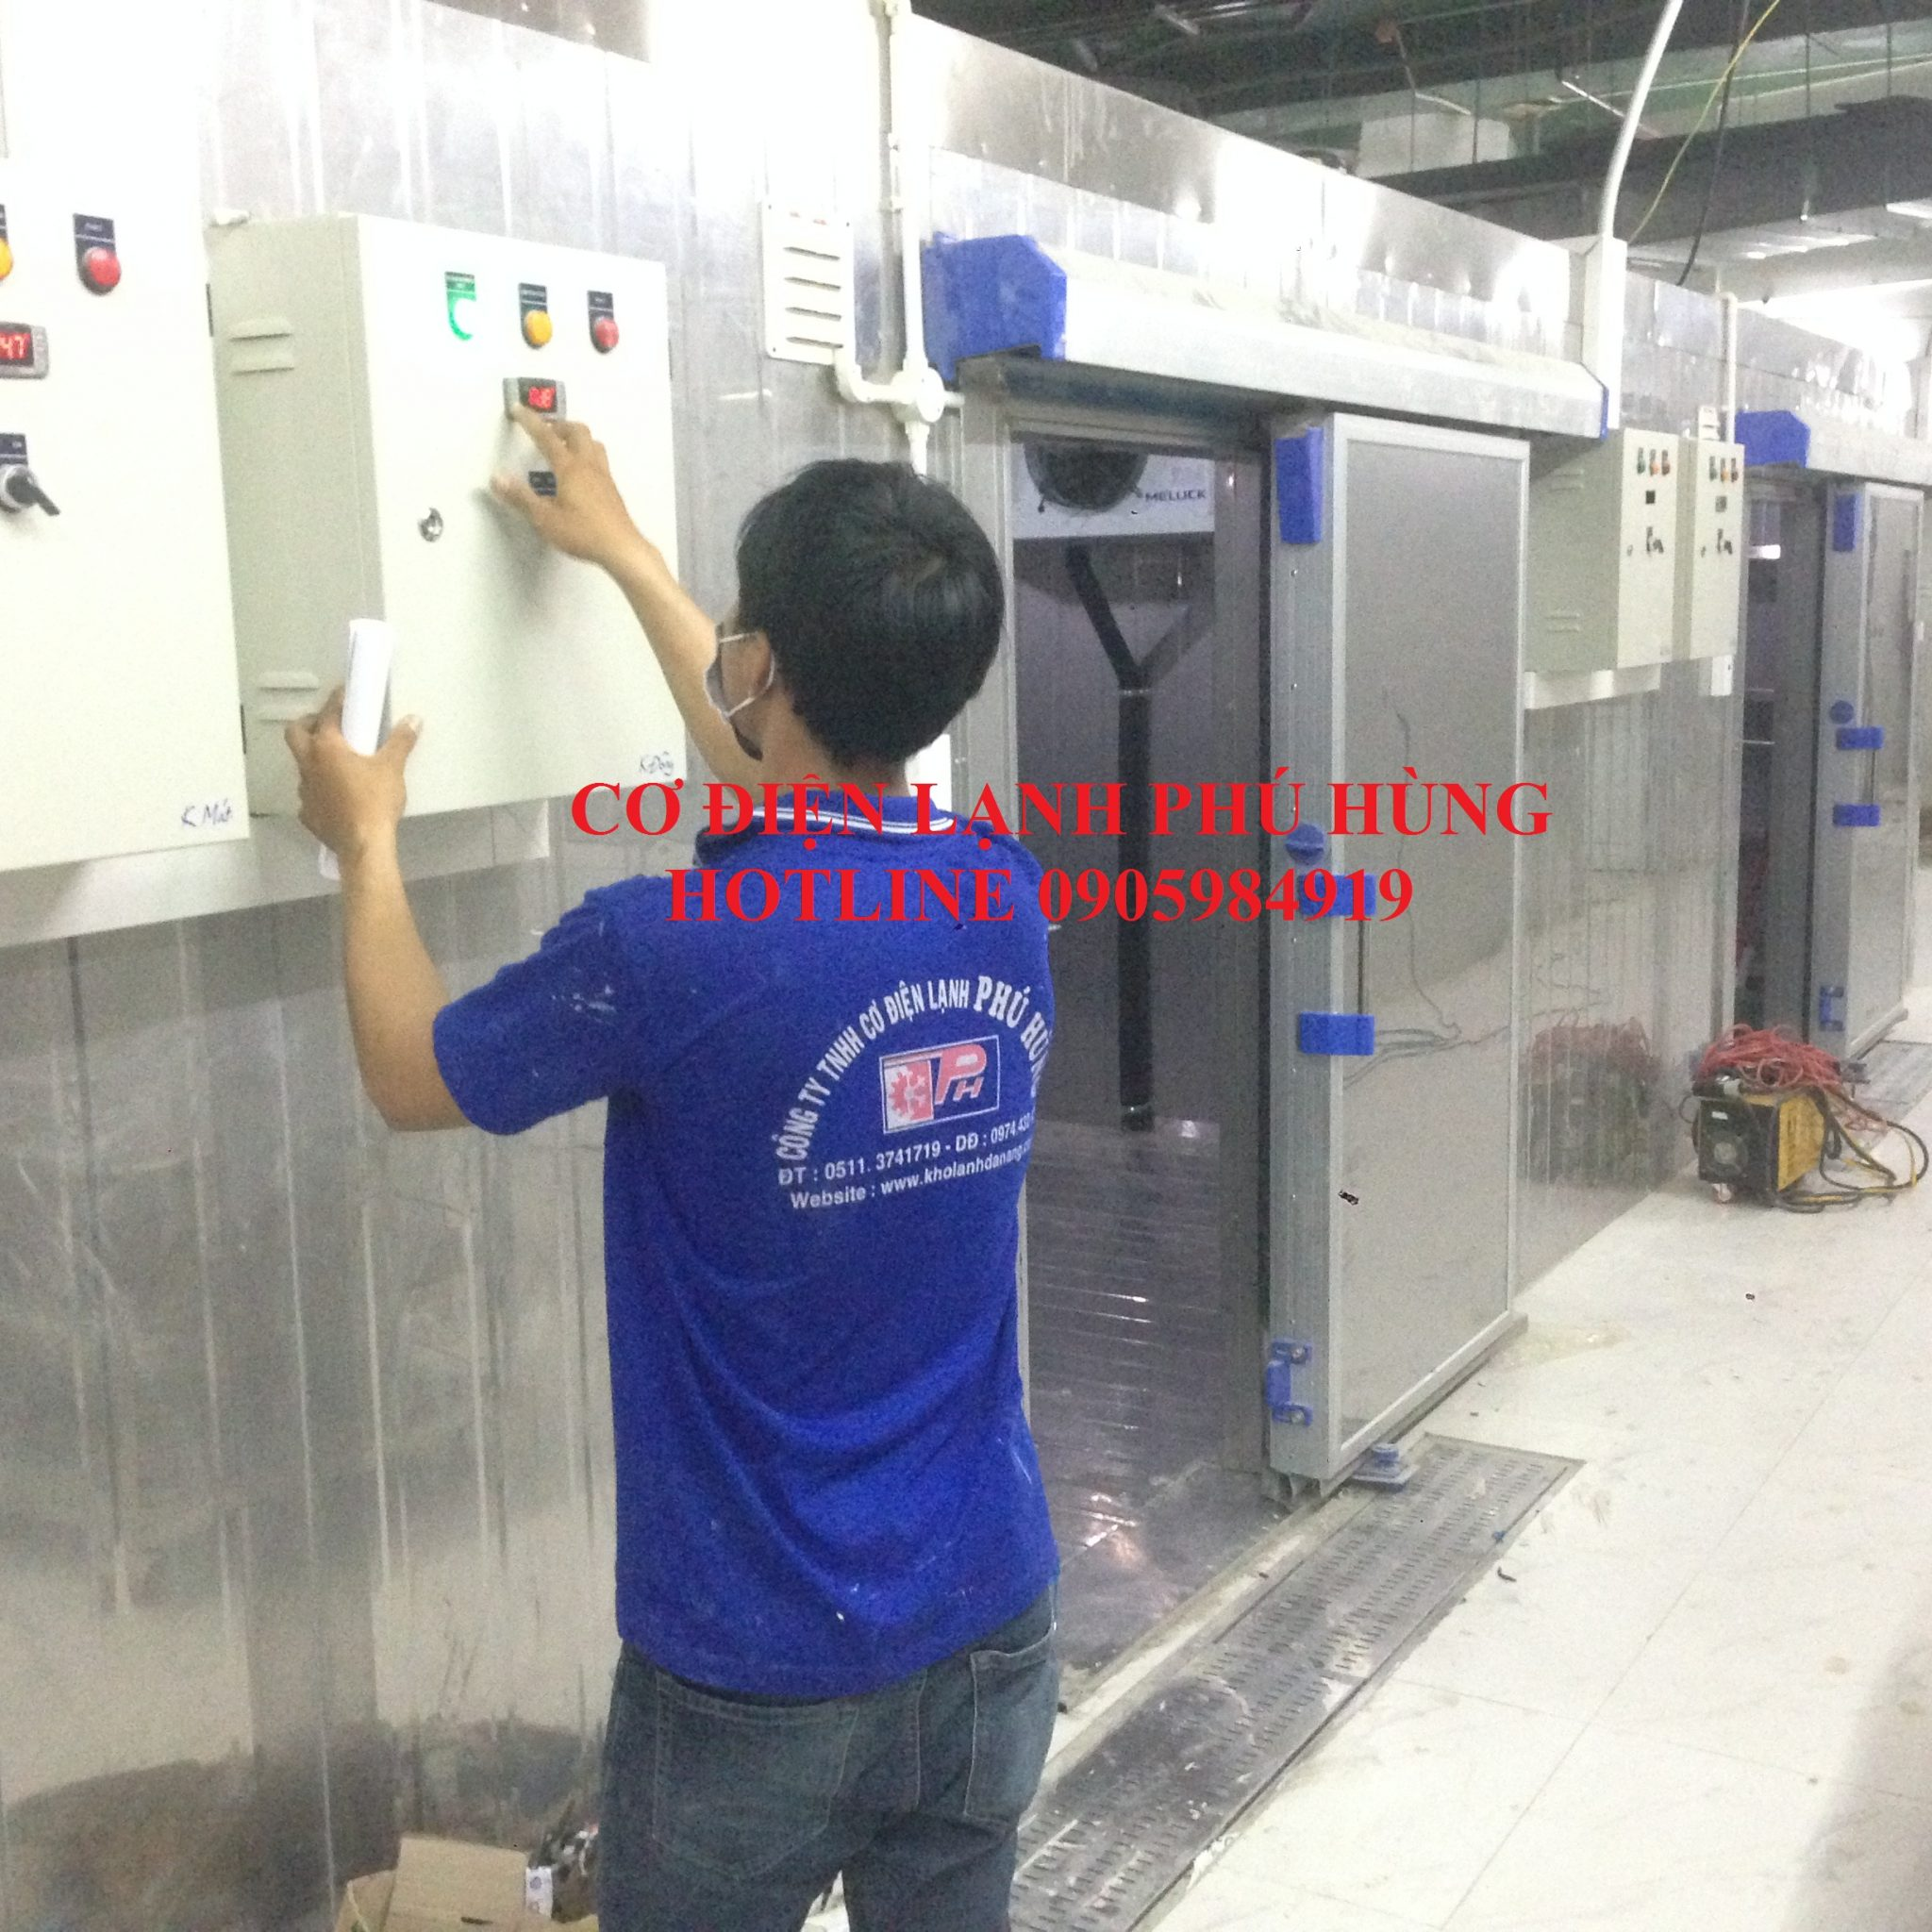 3 - Thiết kế lắp đặt, sửa chữa kho lạnh tại ĐÀ NẴNG-Cty KIM THỦY PHÁT